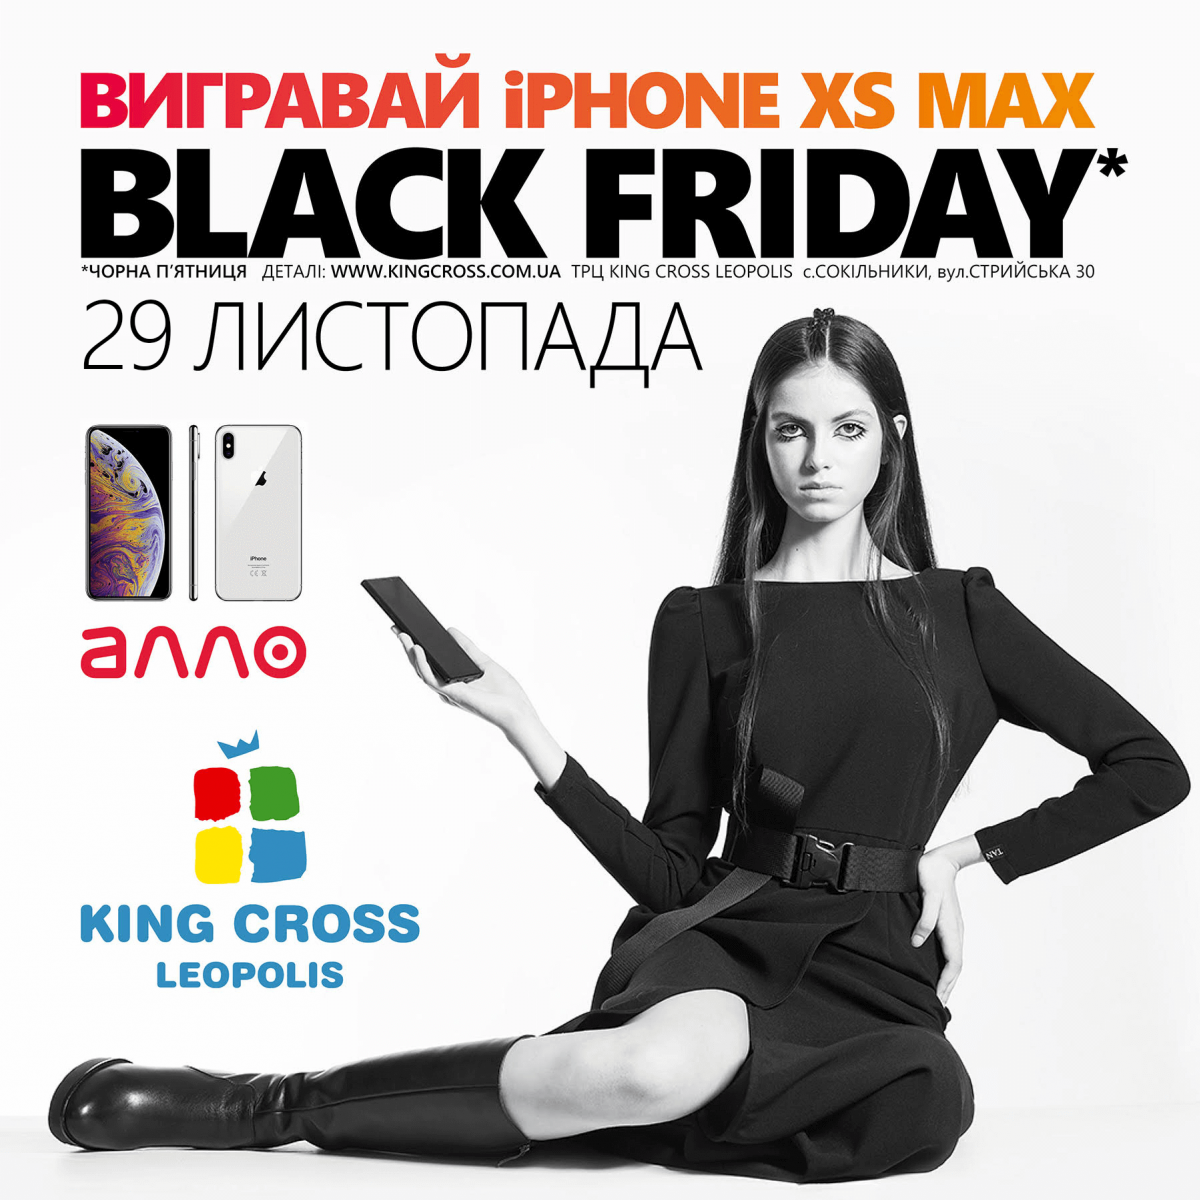 Закупись і виграй iPhoneХS MAX у Чорну п'ятницю!